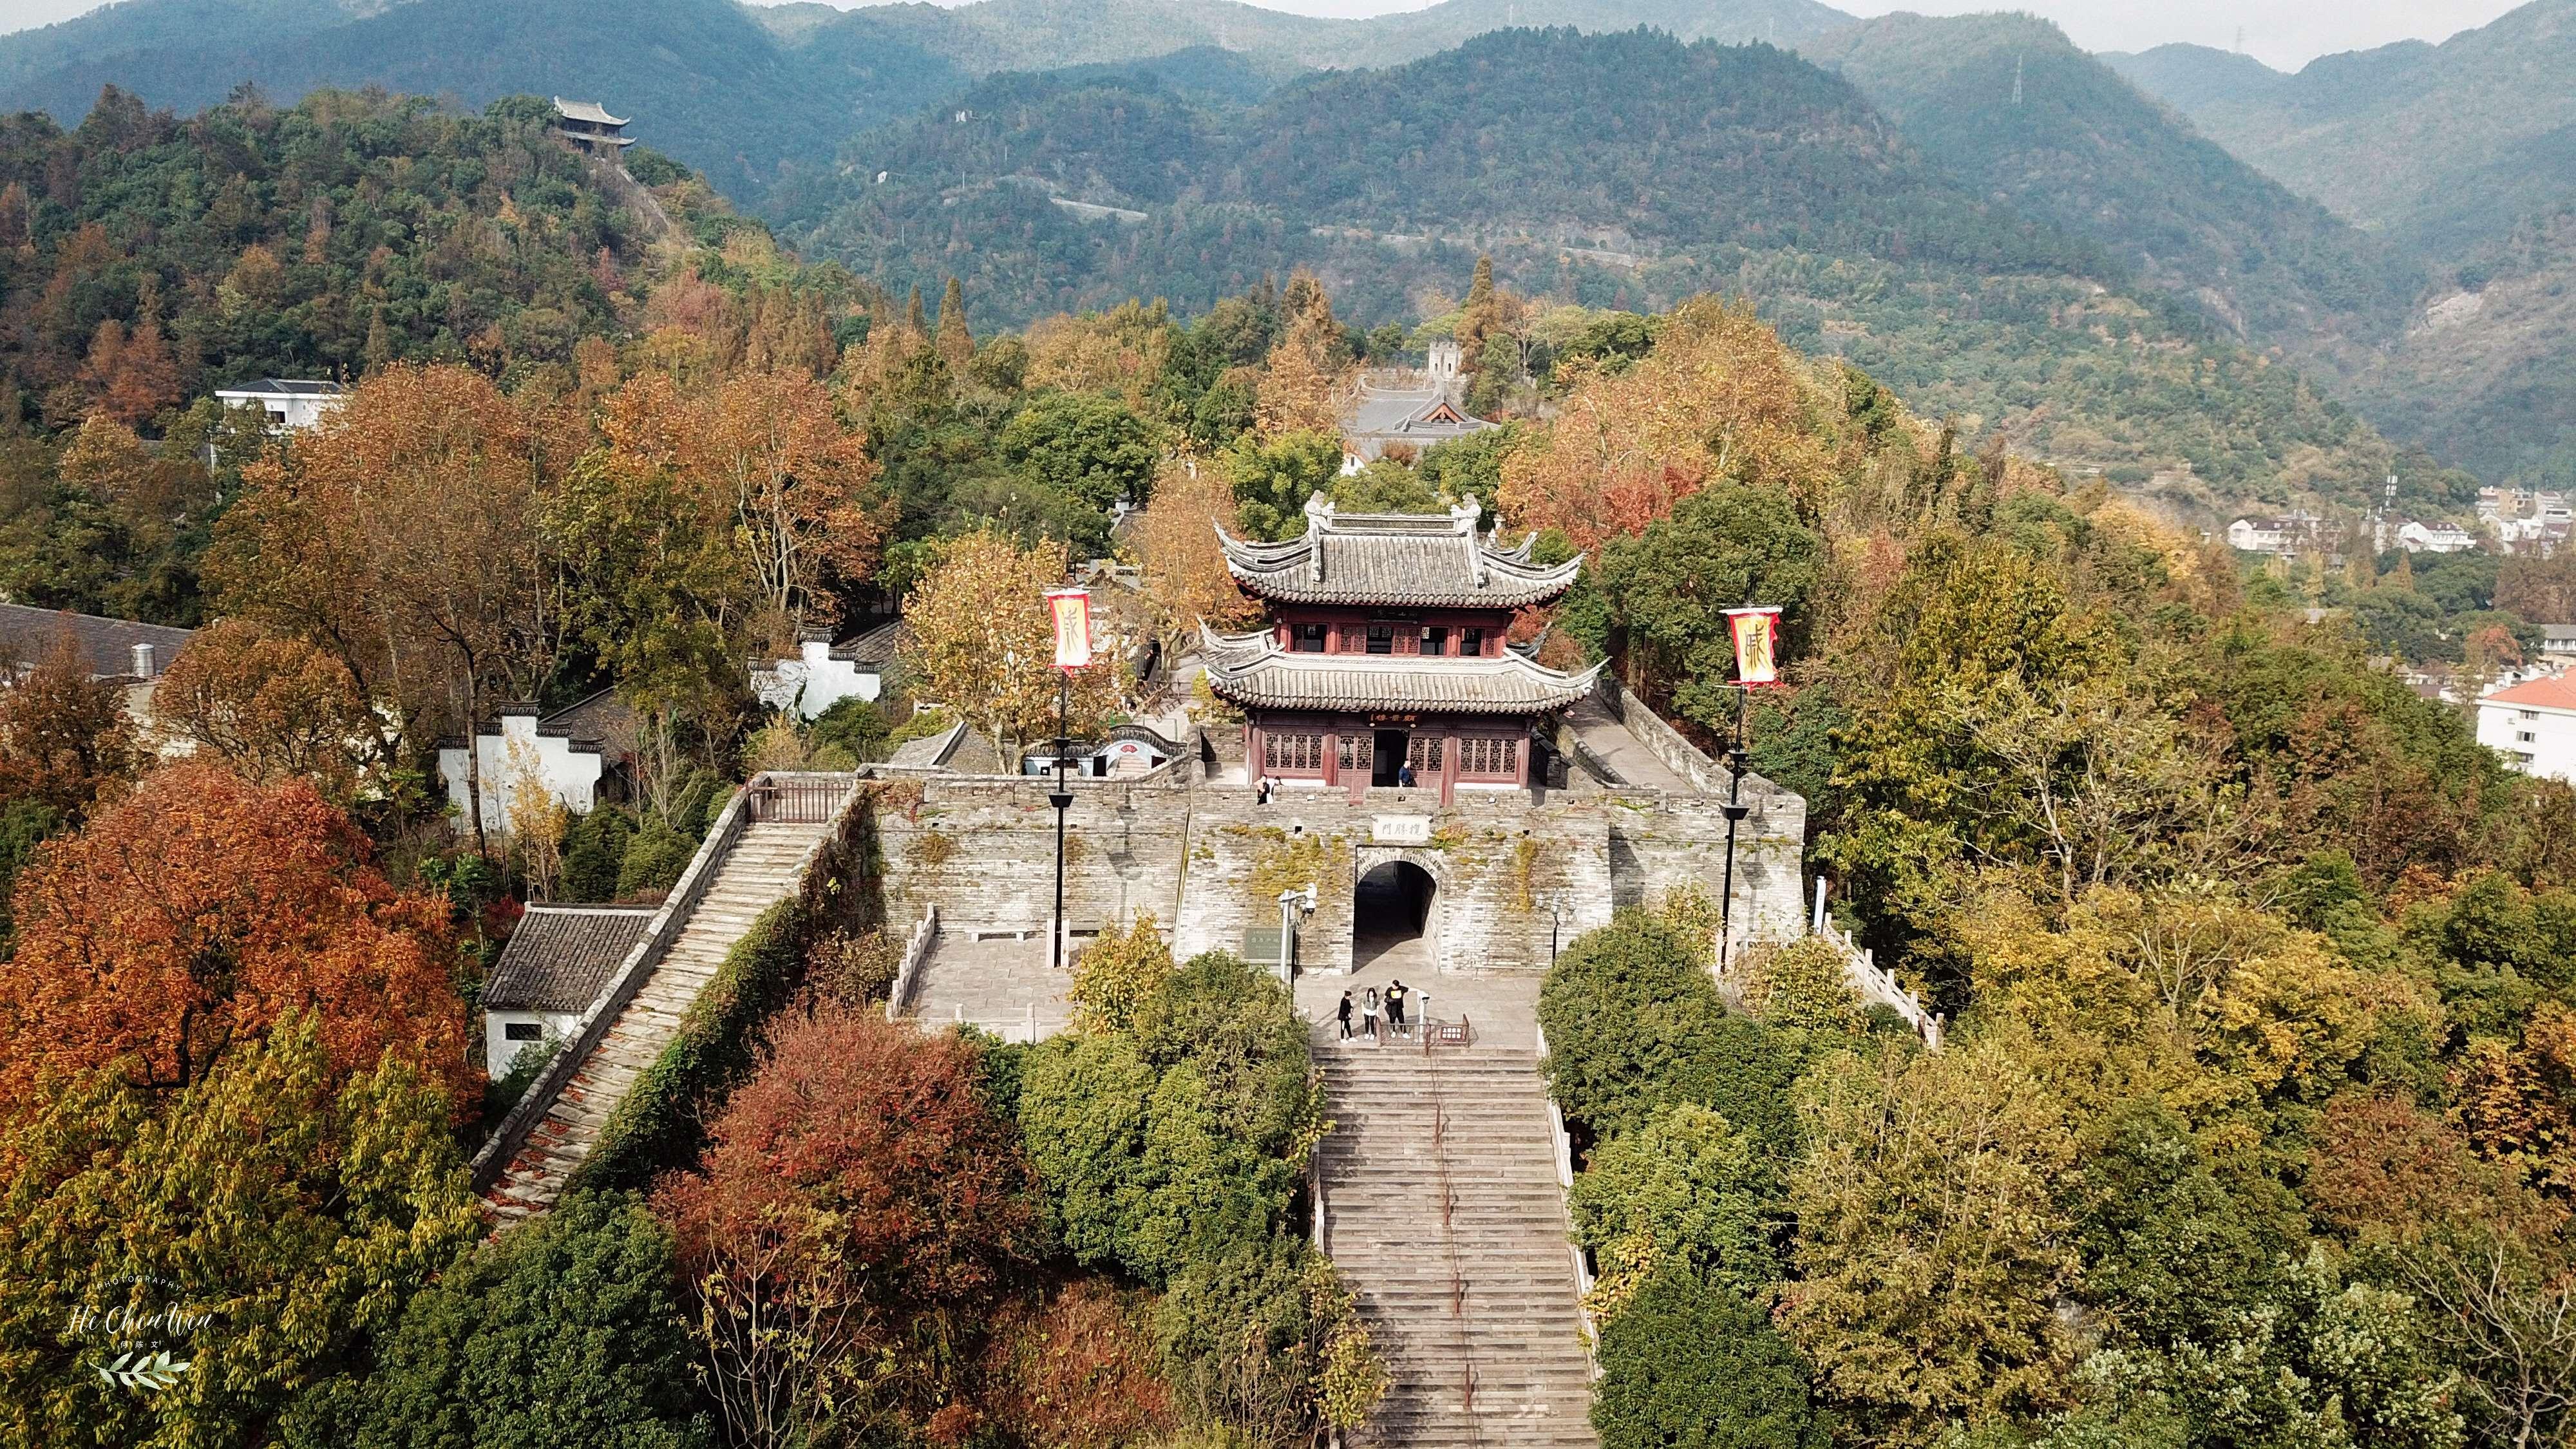 """原创江南的八达岭,被誉为北方明长城的""""蓝本"""",还能防洪和御敌"""